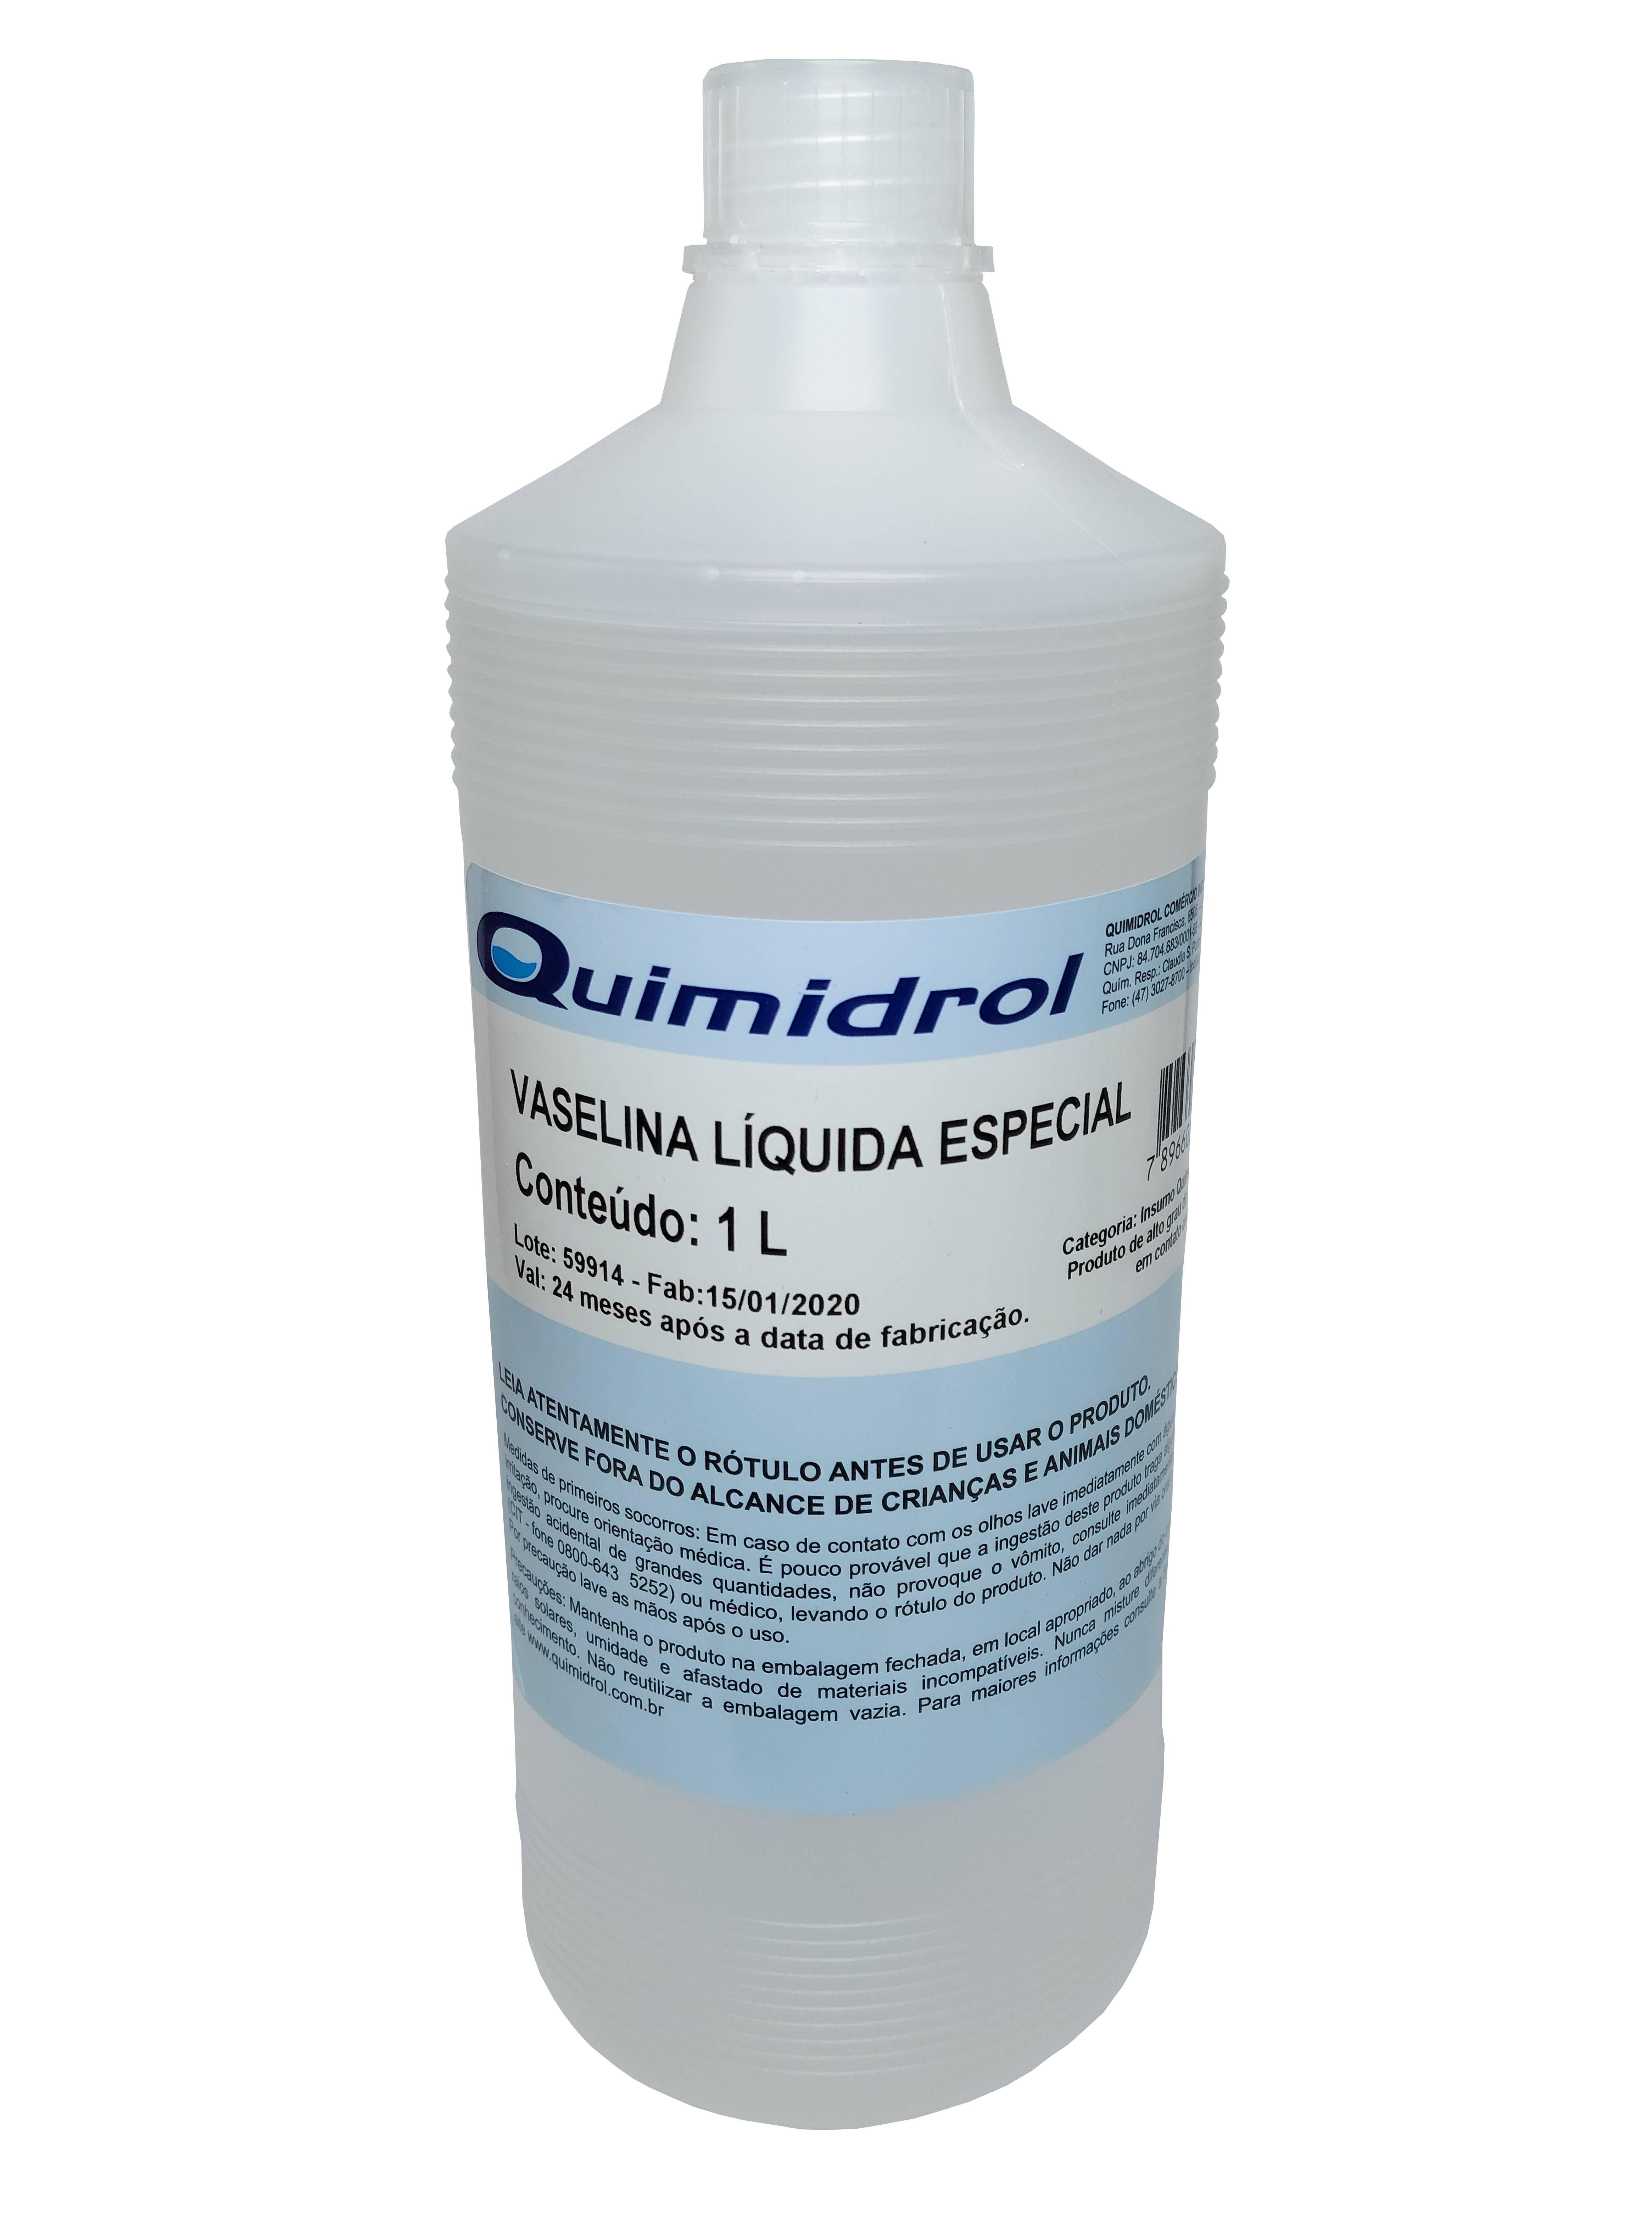 Polisani Materiais Médicos - VASELINA LIQUIDA ESPECIAL - QUIMIDROL 1L